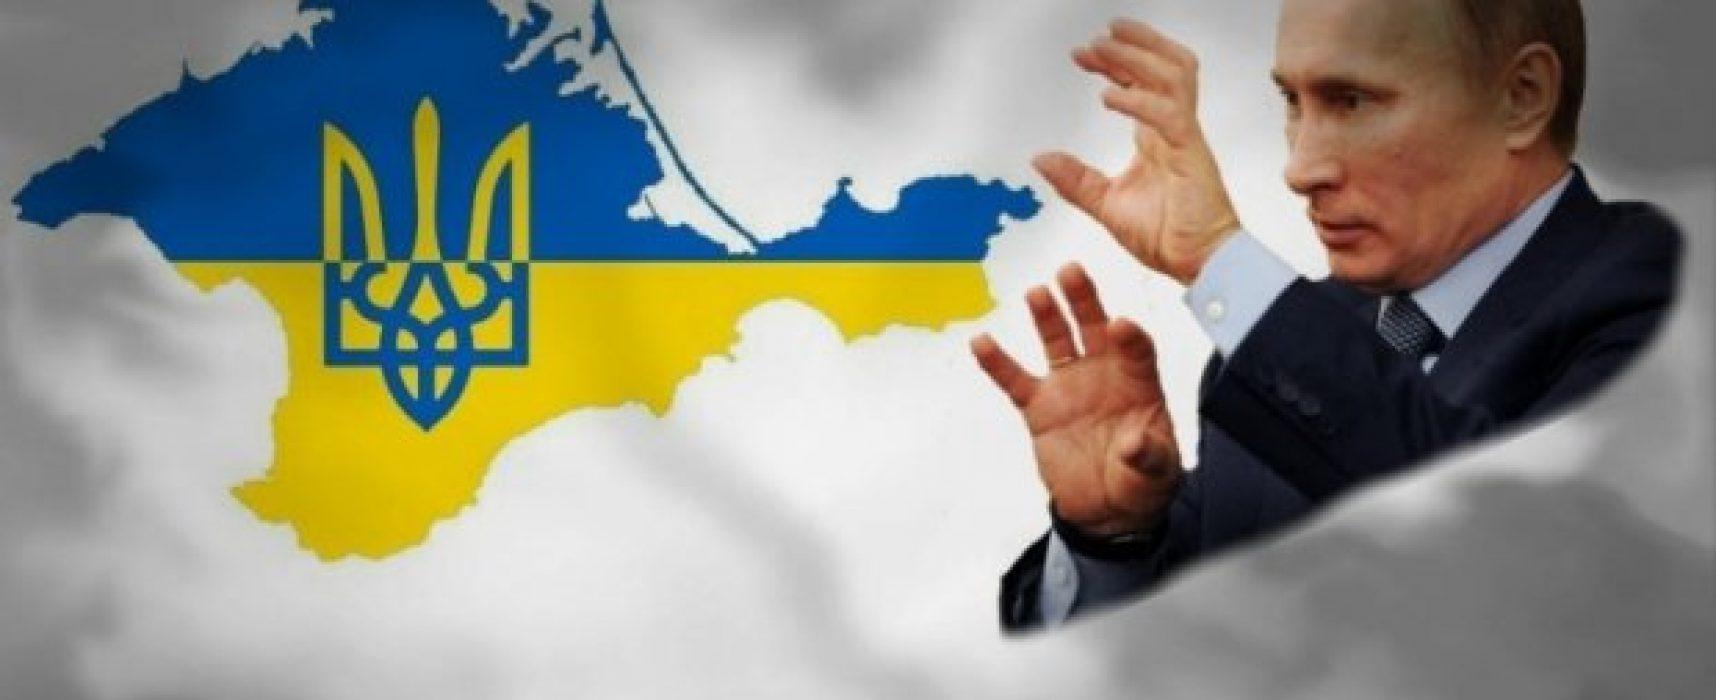 Игорь Яковенко: Теперь Украина! Я сказал — Украина!